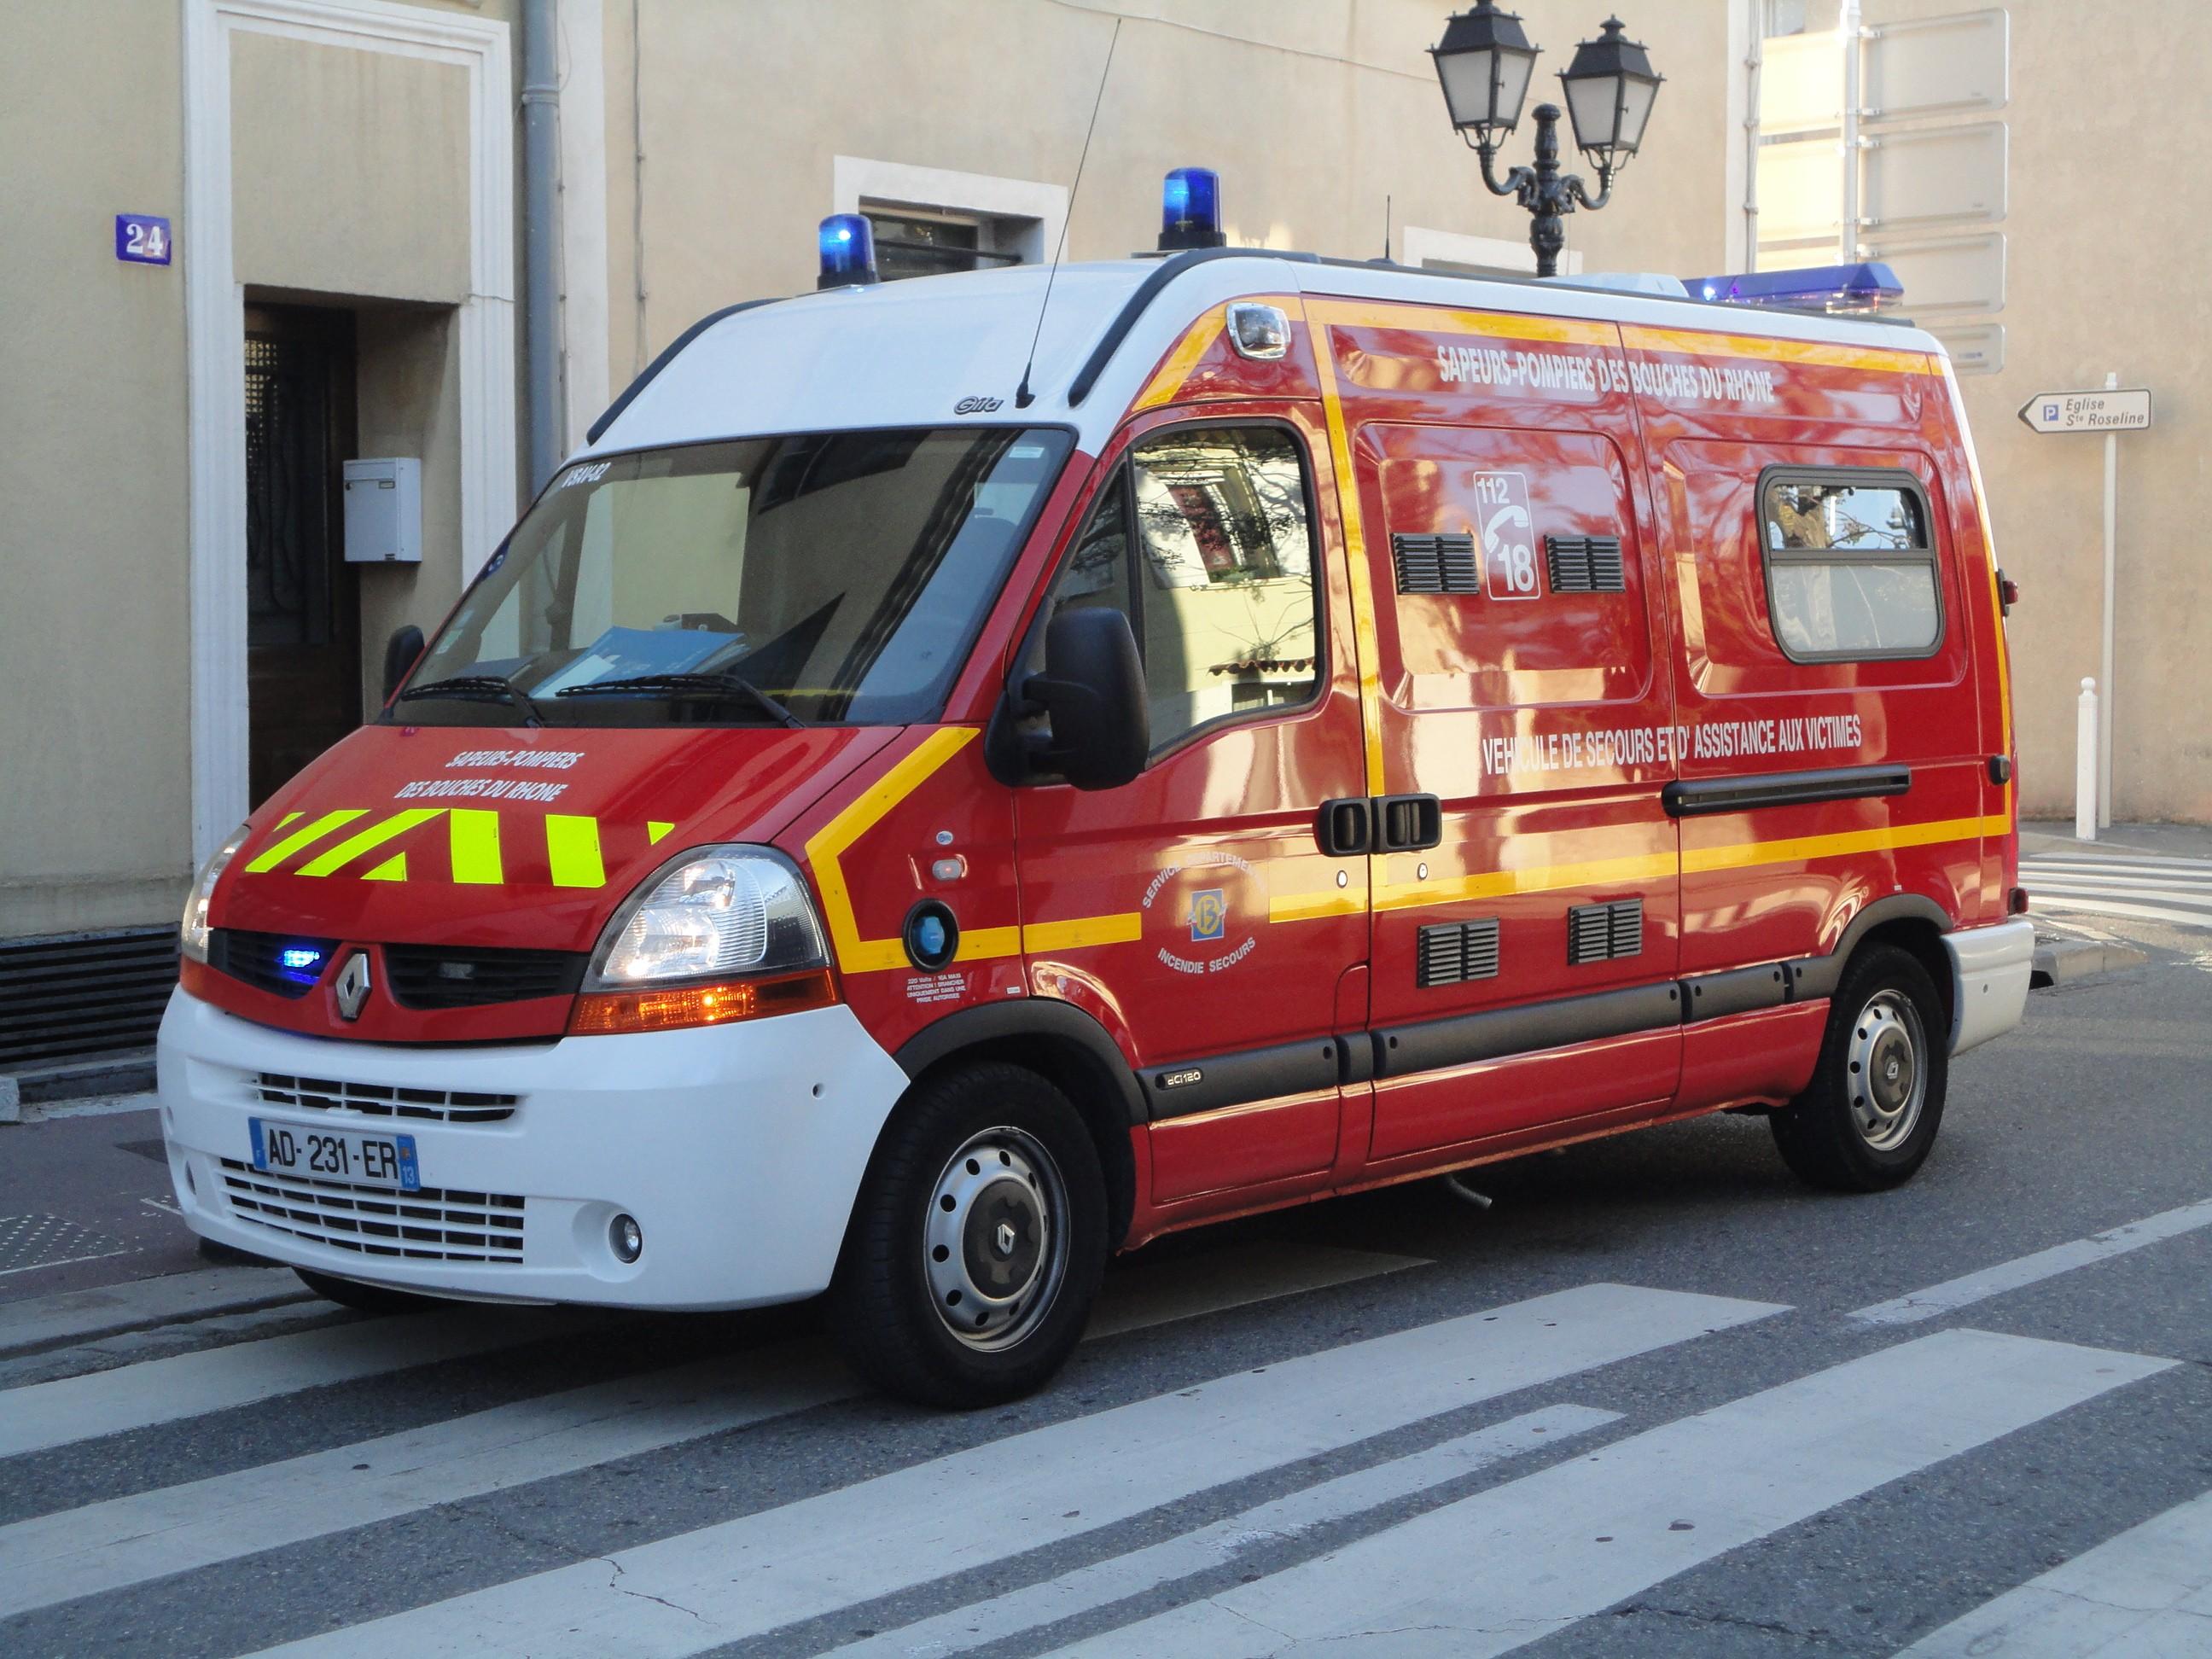 V hicules des pompiers fran ais page 1167 auto titre for Garage htm marignane